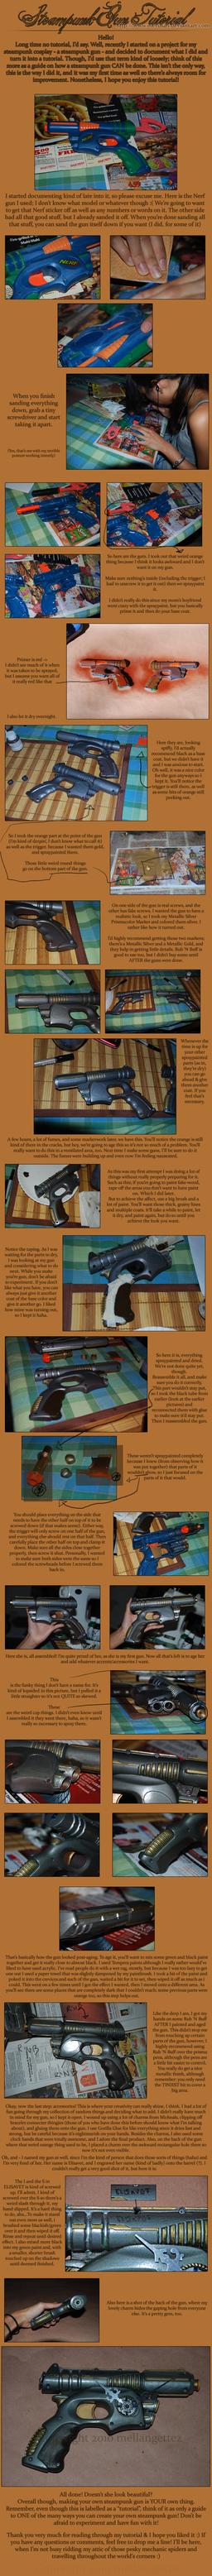 Steampunk Gun Tutorial by Merusan